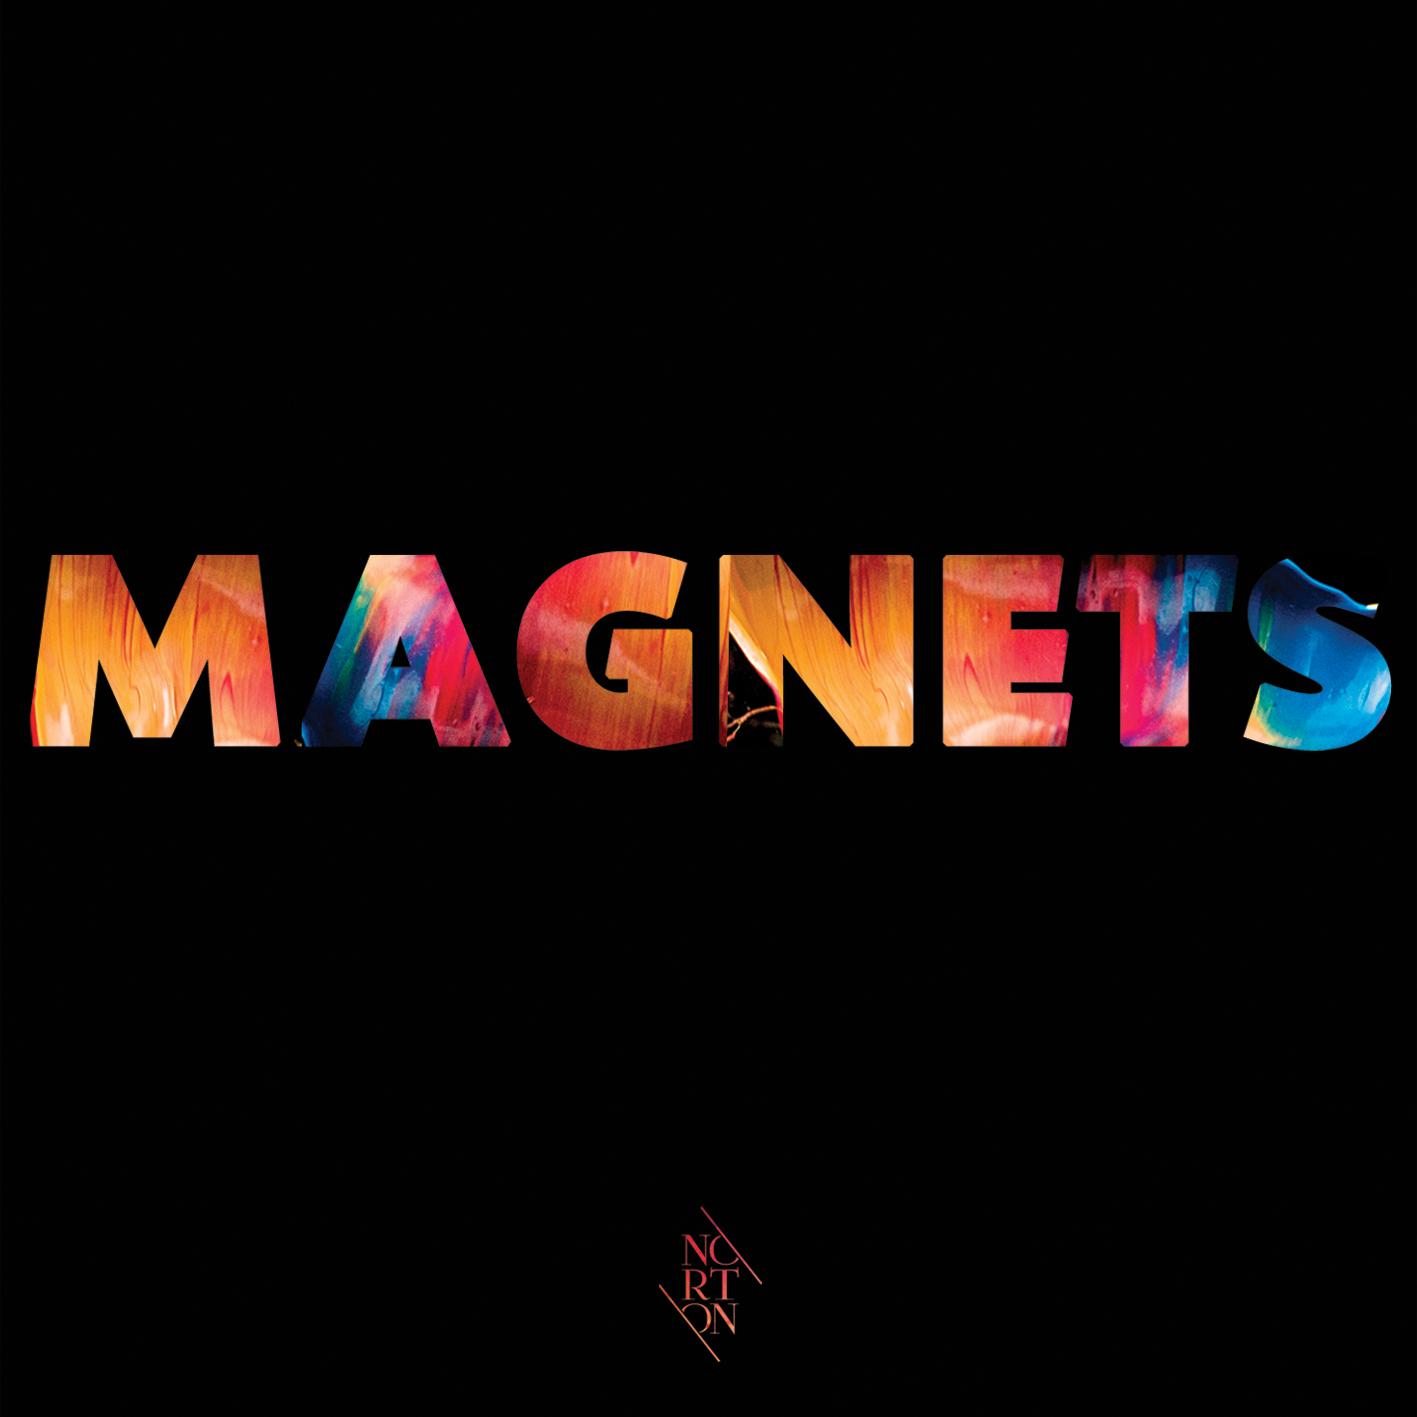 MagnetsCover.jpg